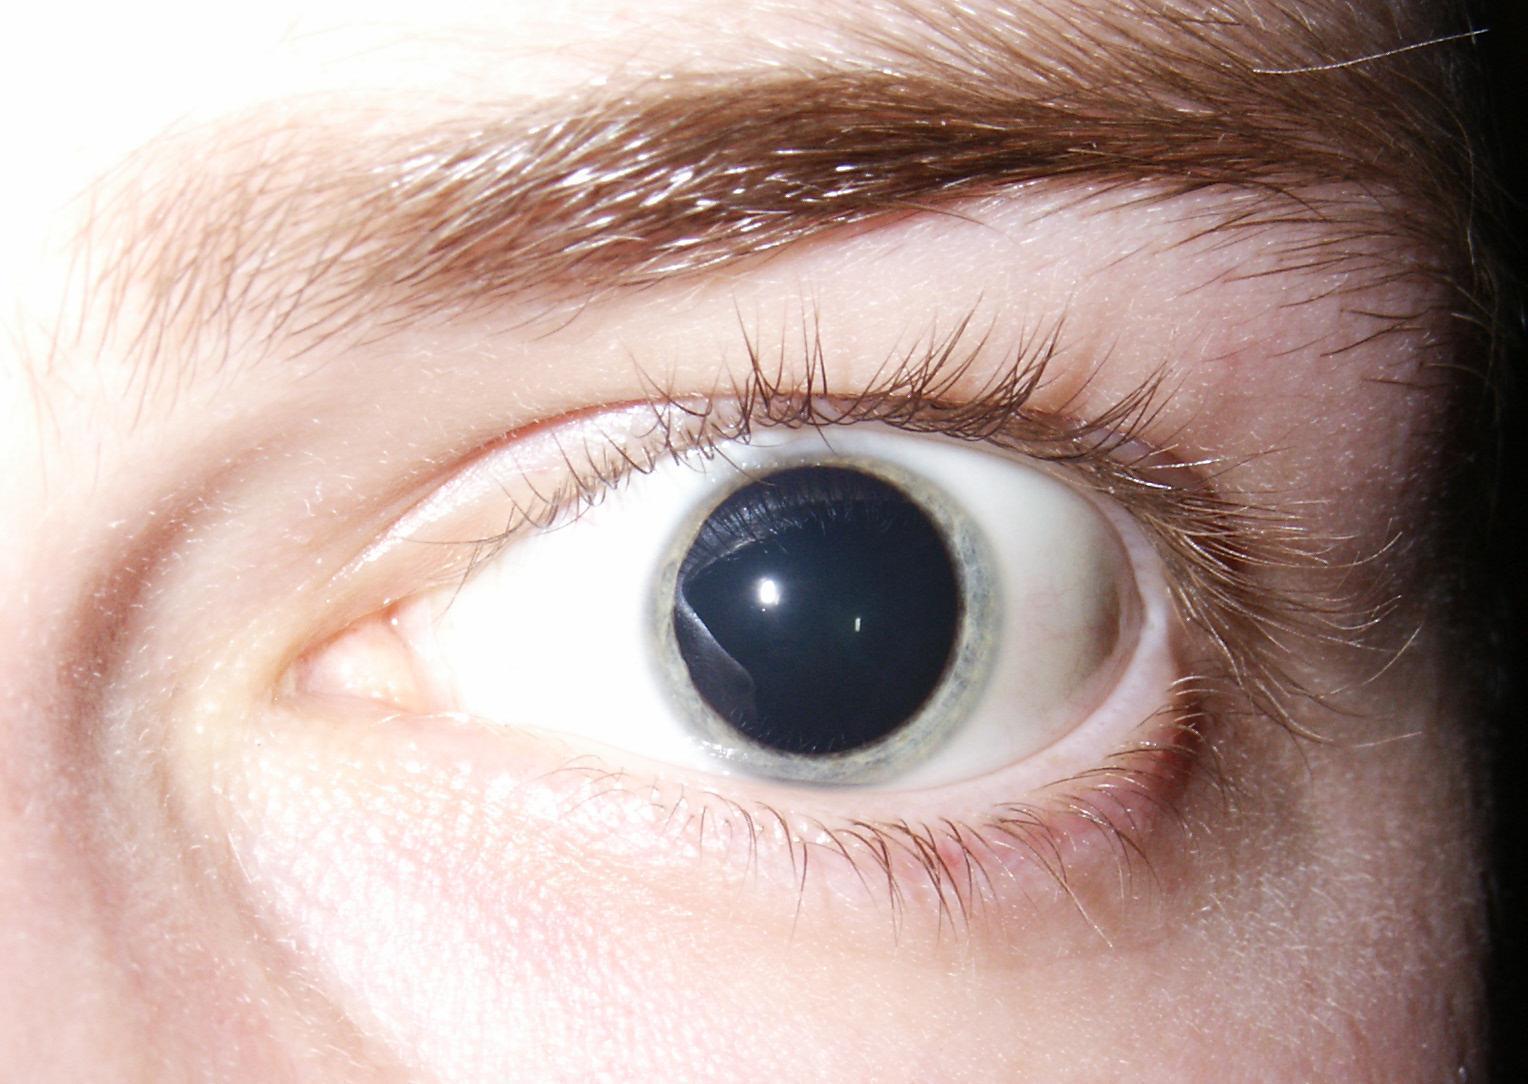 Síndrome de Adie: O Que É, Causas, Sintomas, Diagnóstico e Tratamentos